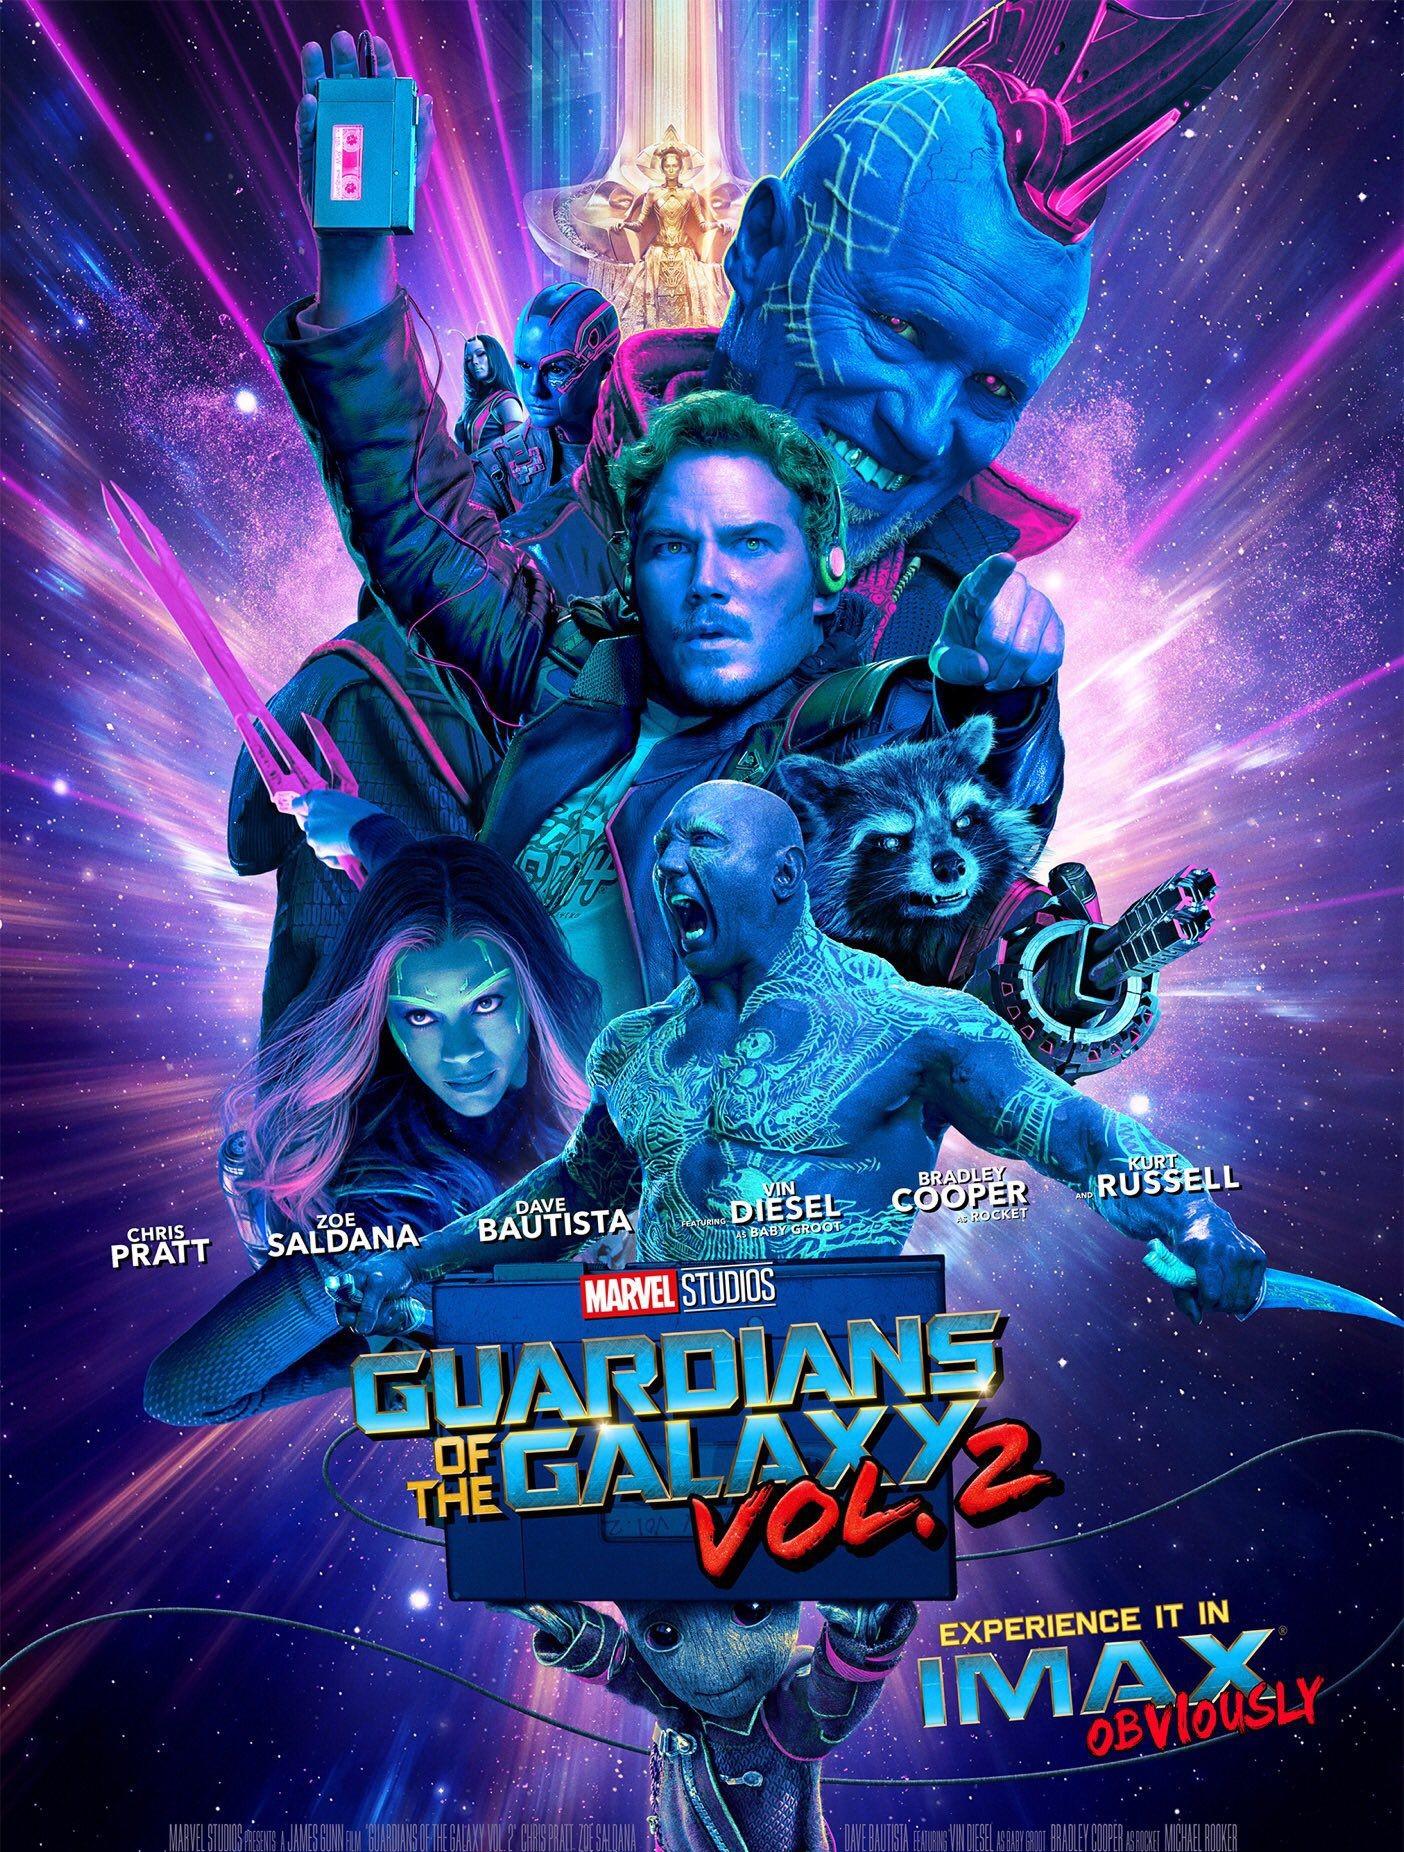 银河护卫队2 Guardians of the Galaxy 2(2017)